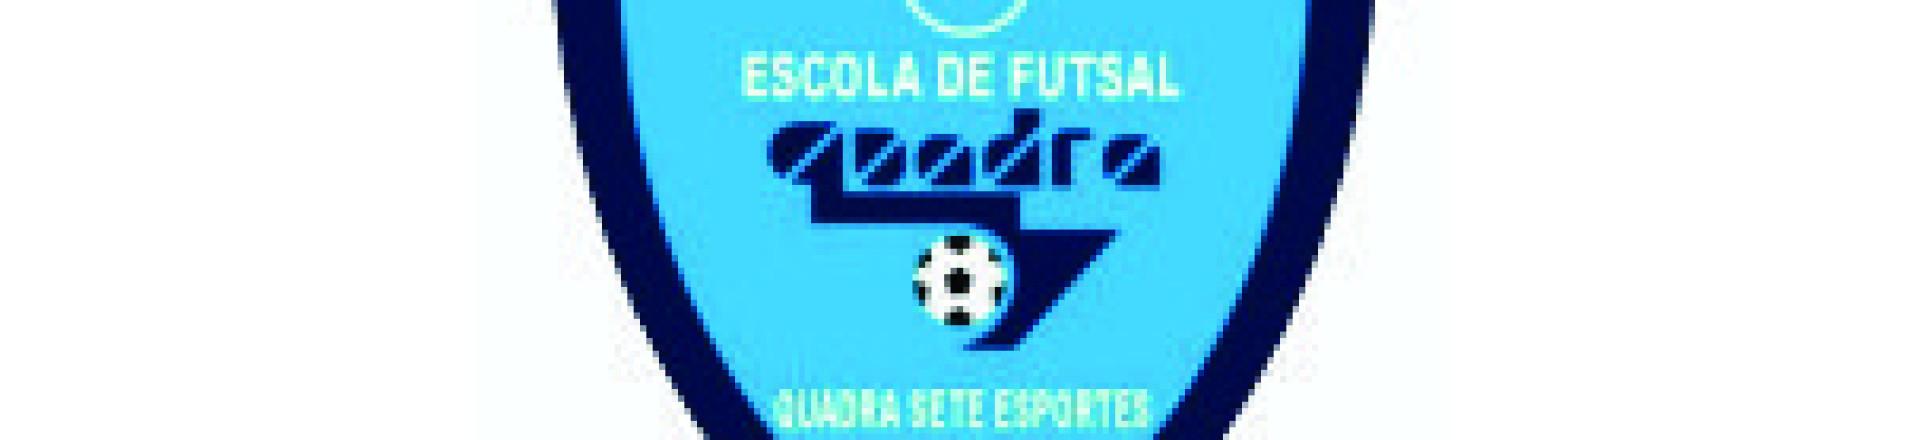 Escola de Futsal Quadra 7